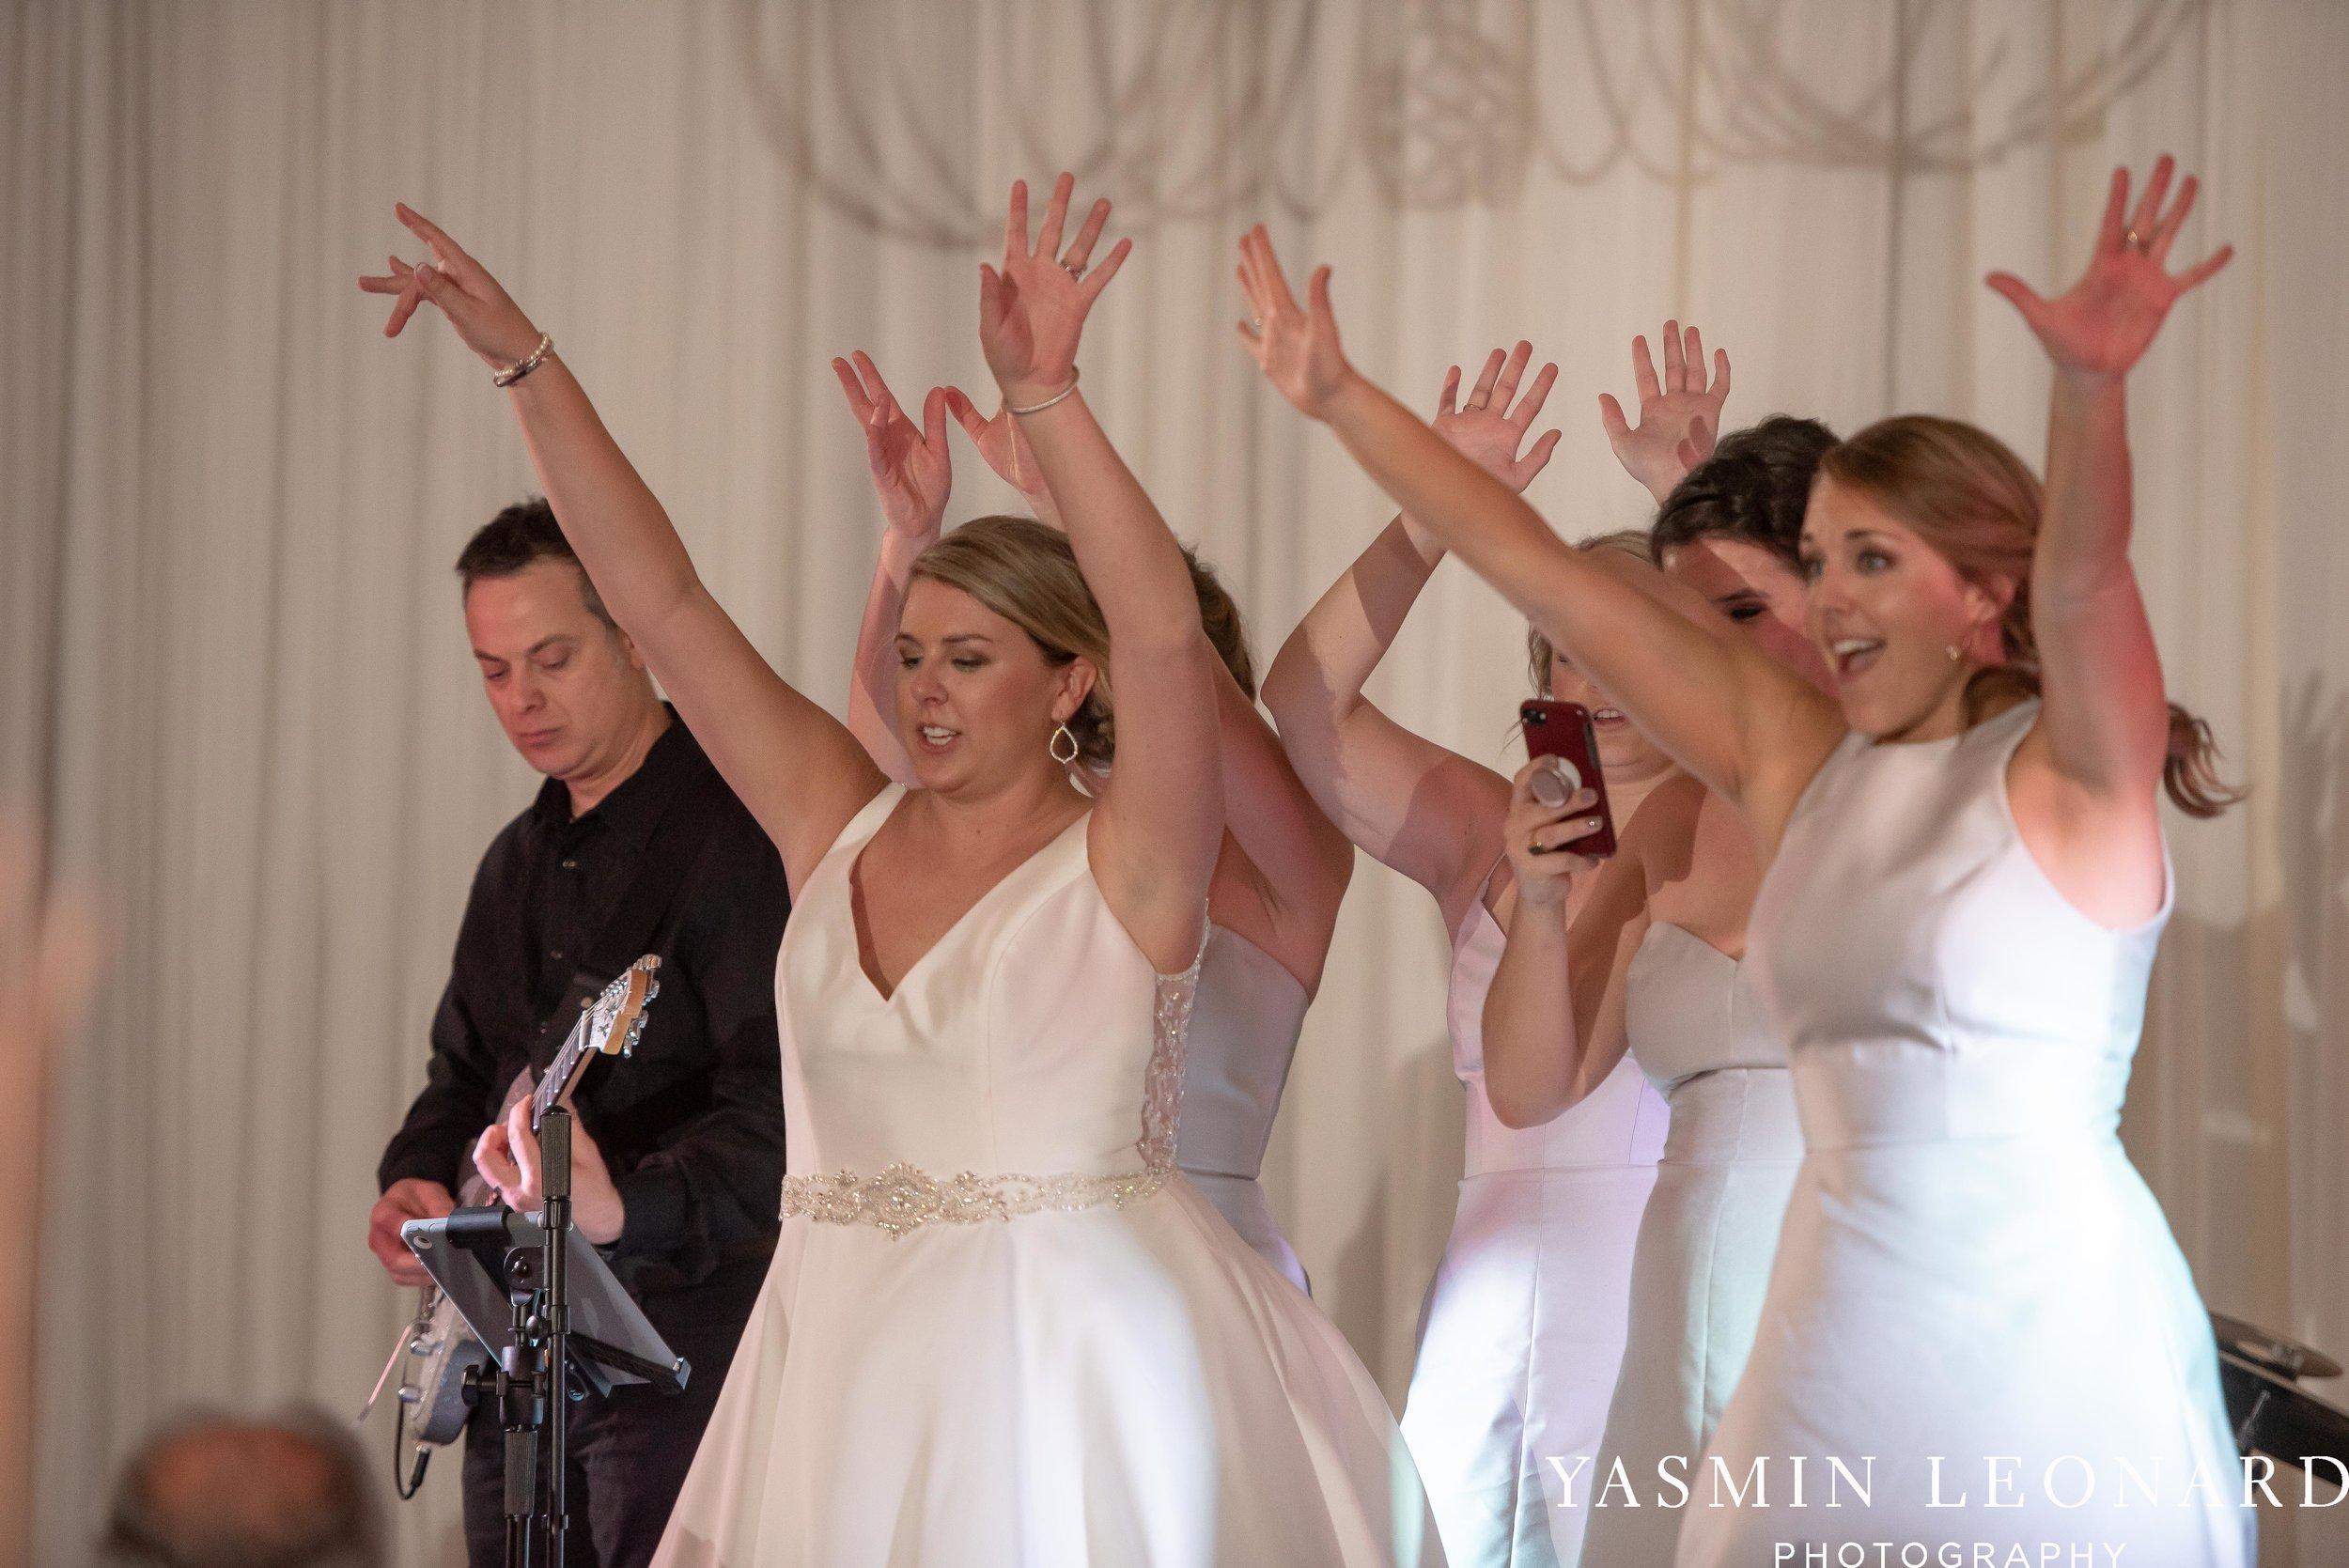 Adaumont Farm - Wesley Memorial Weddings - High Point Weddings - Just Priceless - NC Wedding Photographer - Yasmin Leonard Photography - High Point Wedding Vendors-75.jpg